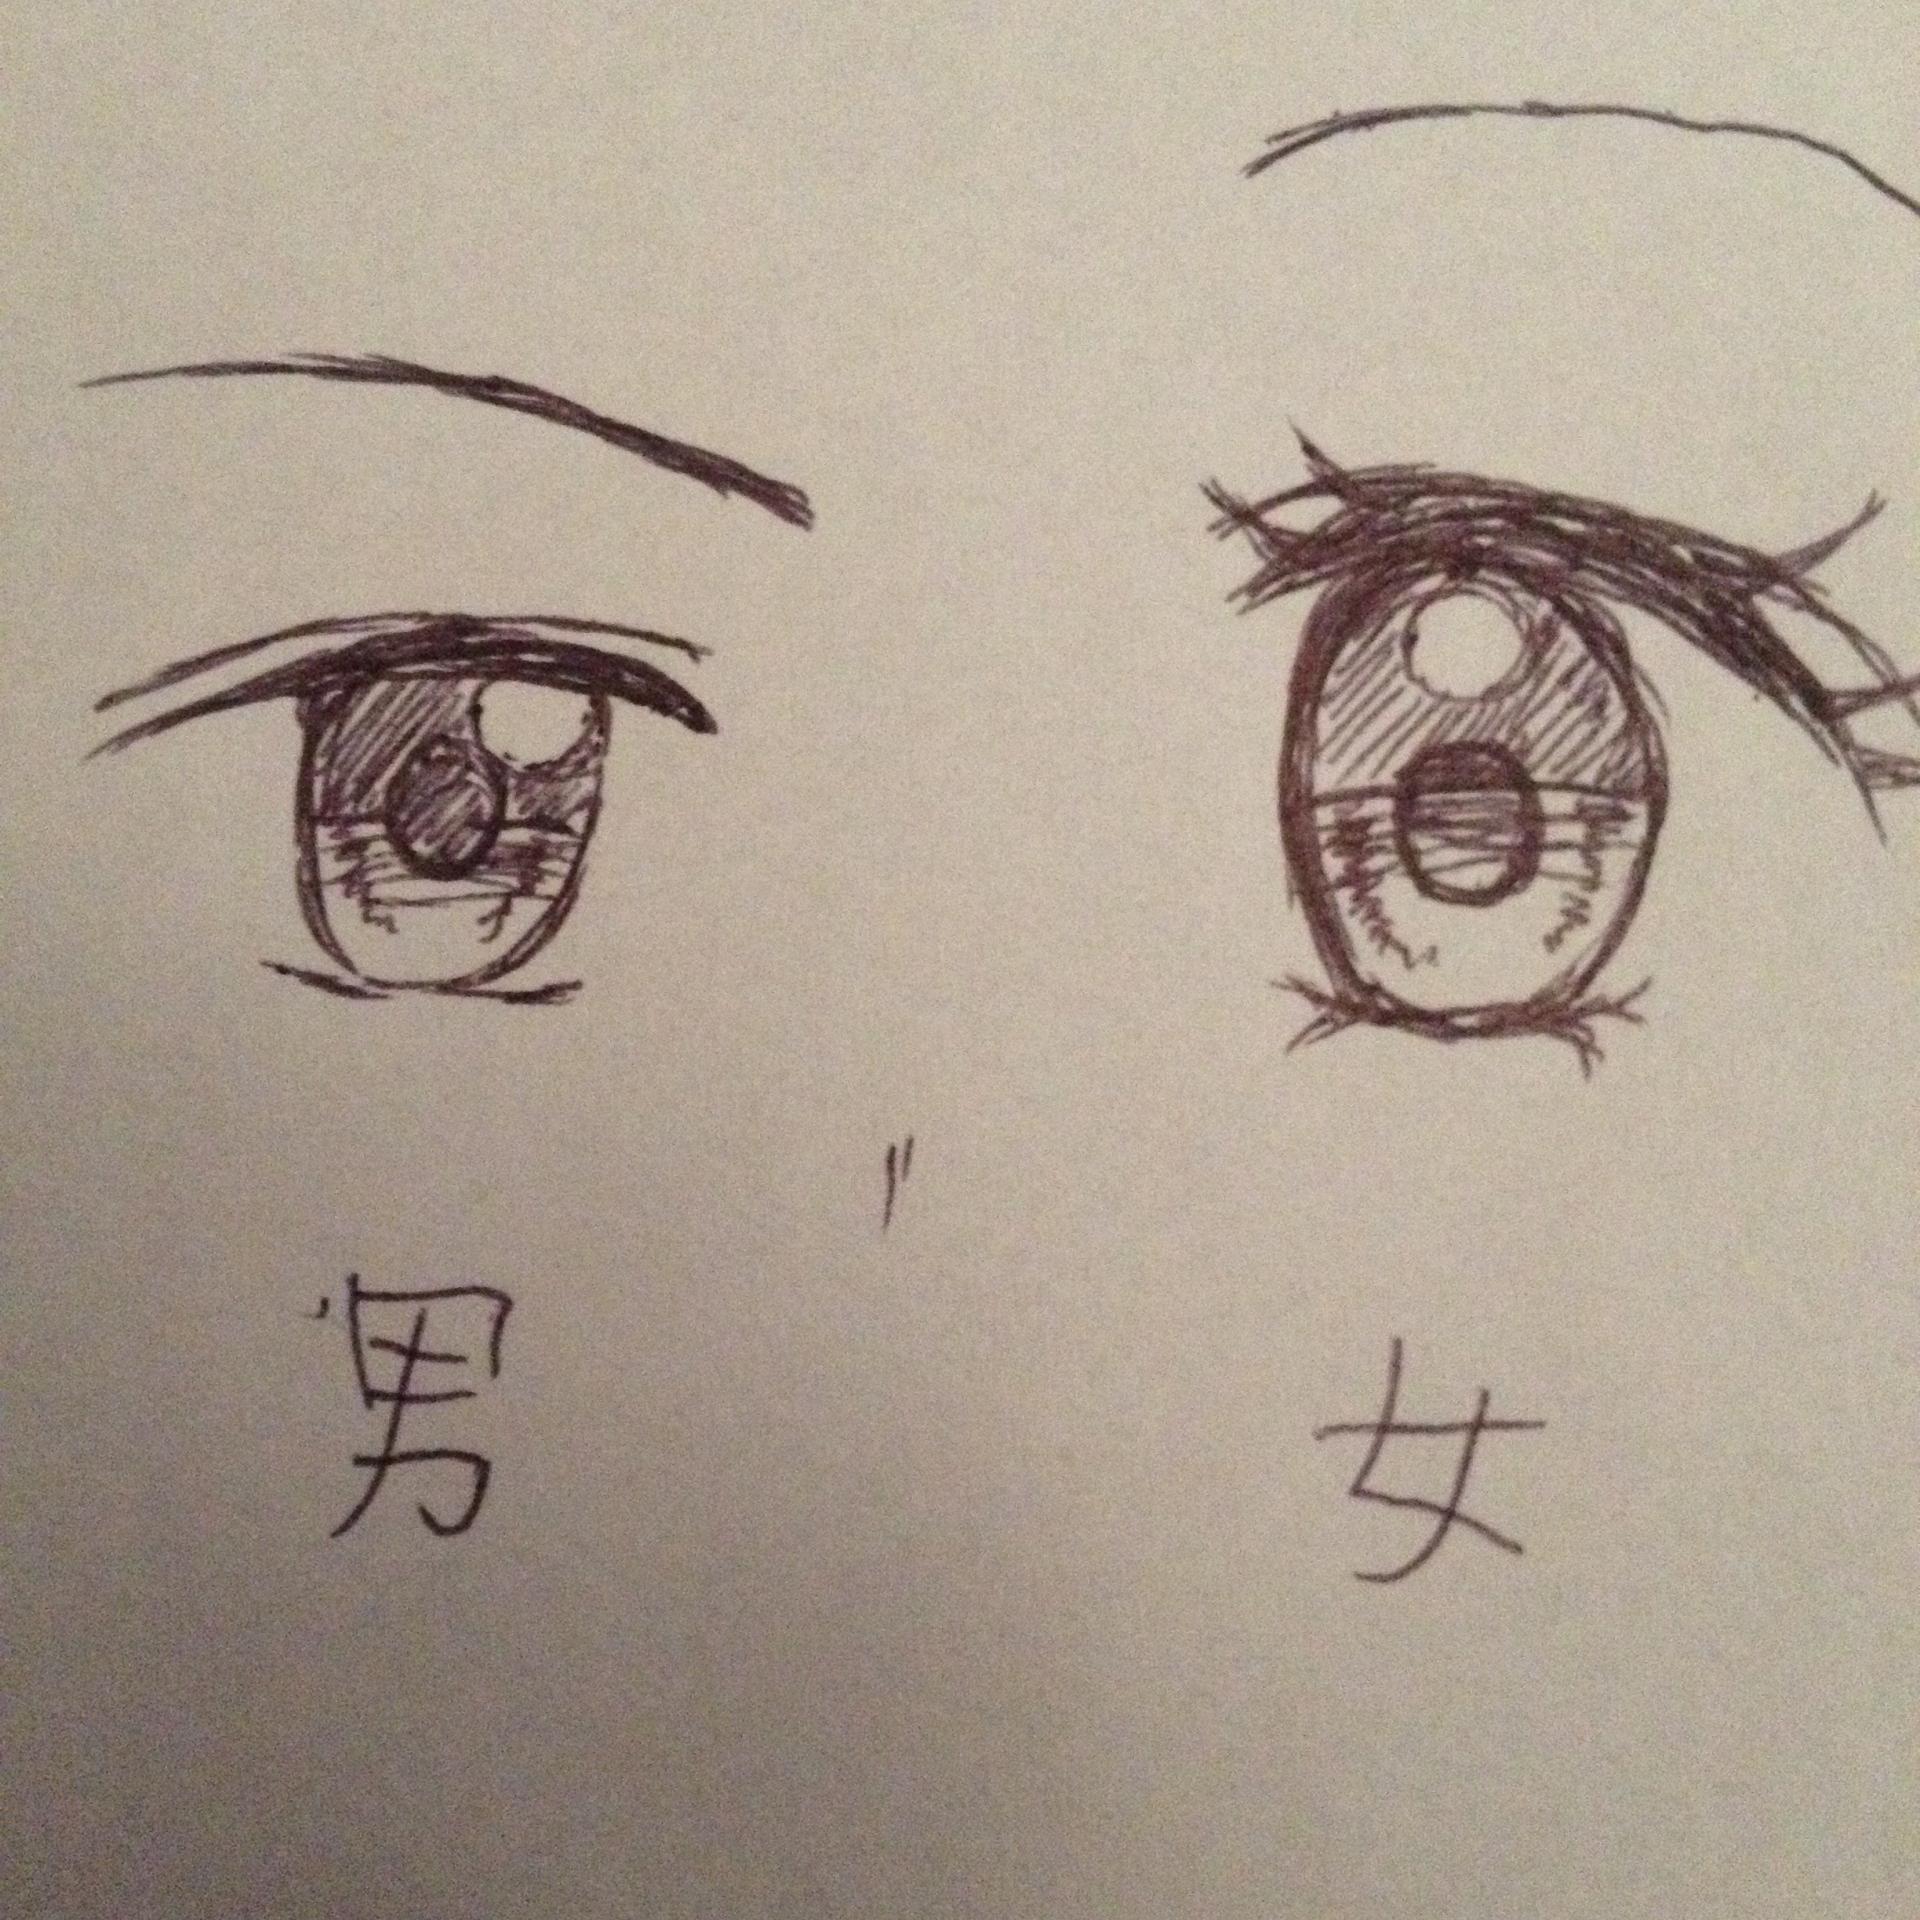 男の子/女の子の目 | 【ちゃおイラストレッスン③】かわいい目を描こう